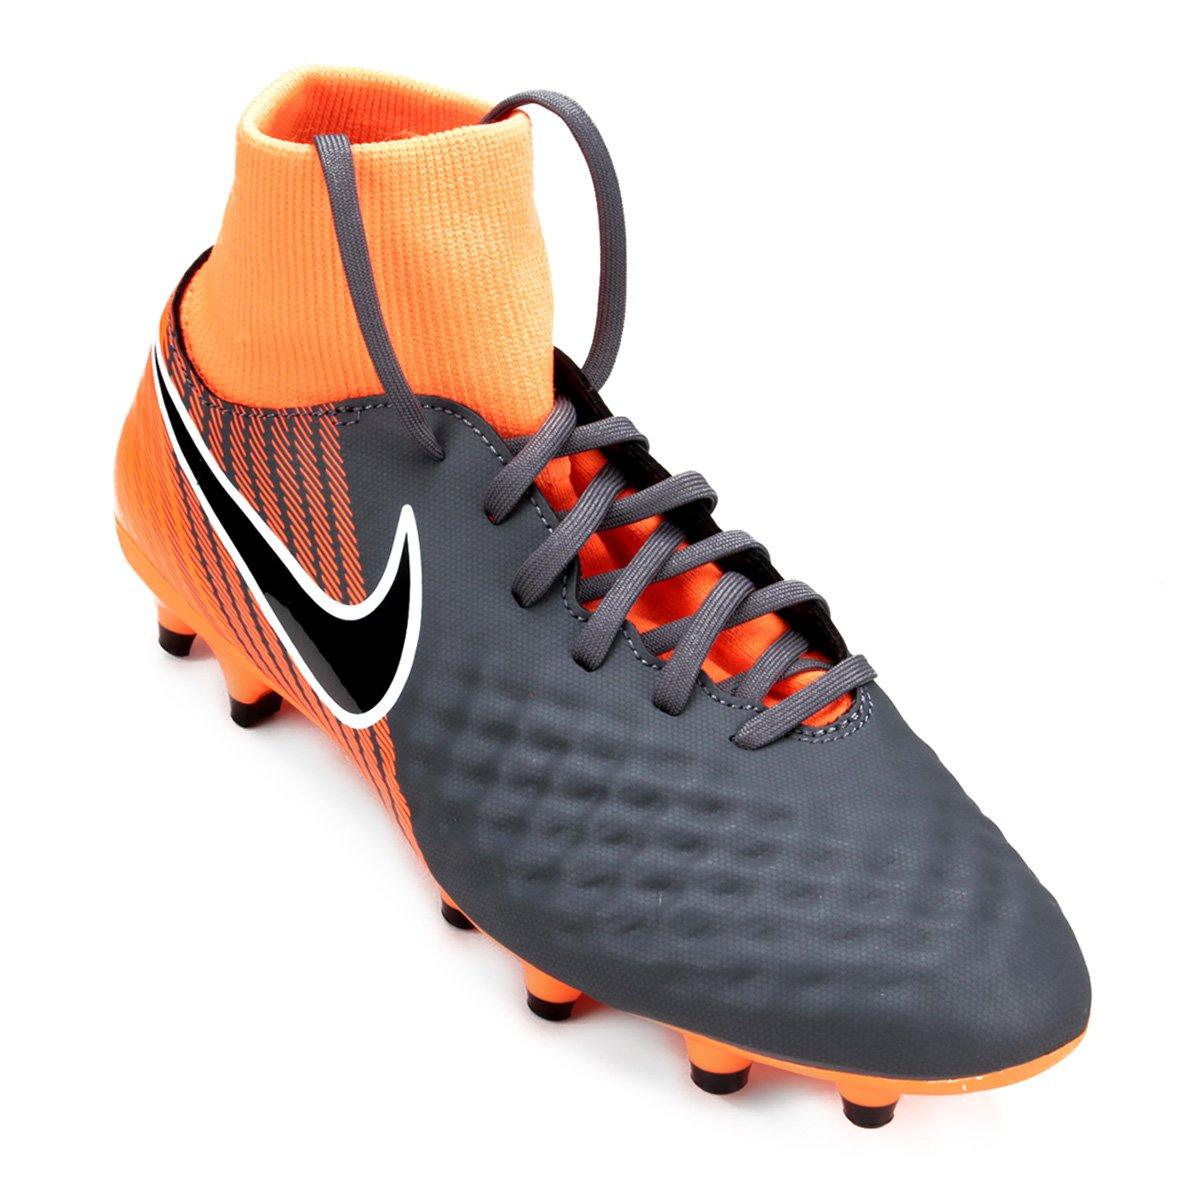 1de7dfc8aeead Chuteira Campo Nike Magista Obra 2 Academy DF FG - Cinza e Preto - Compre  Agora